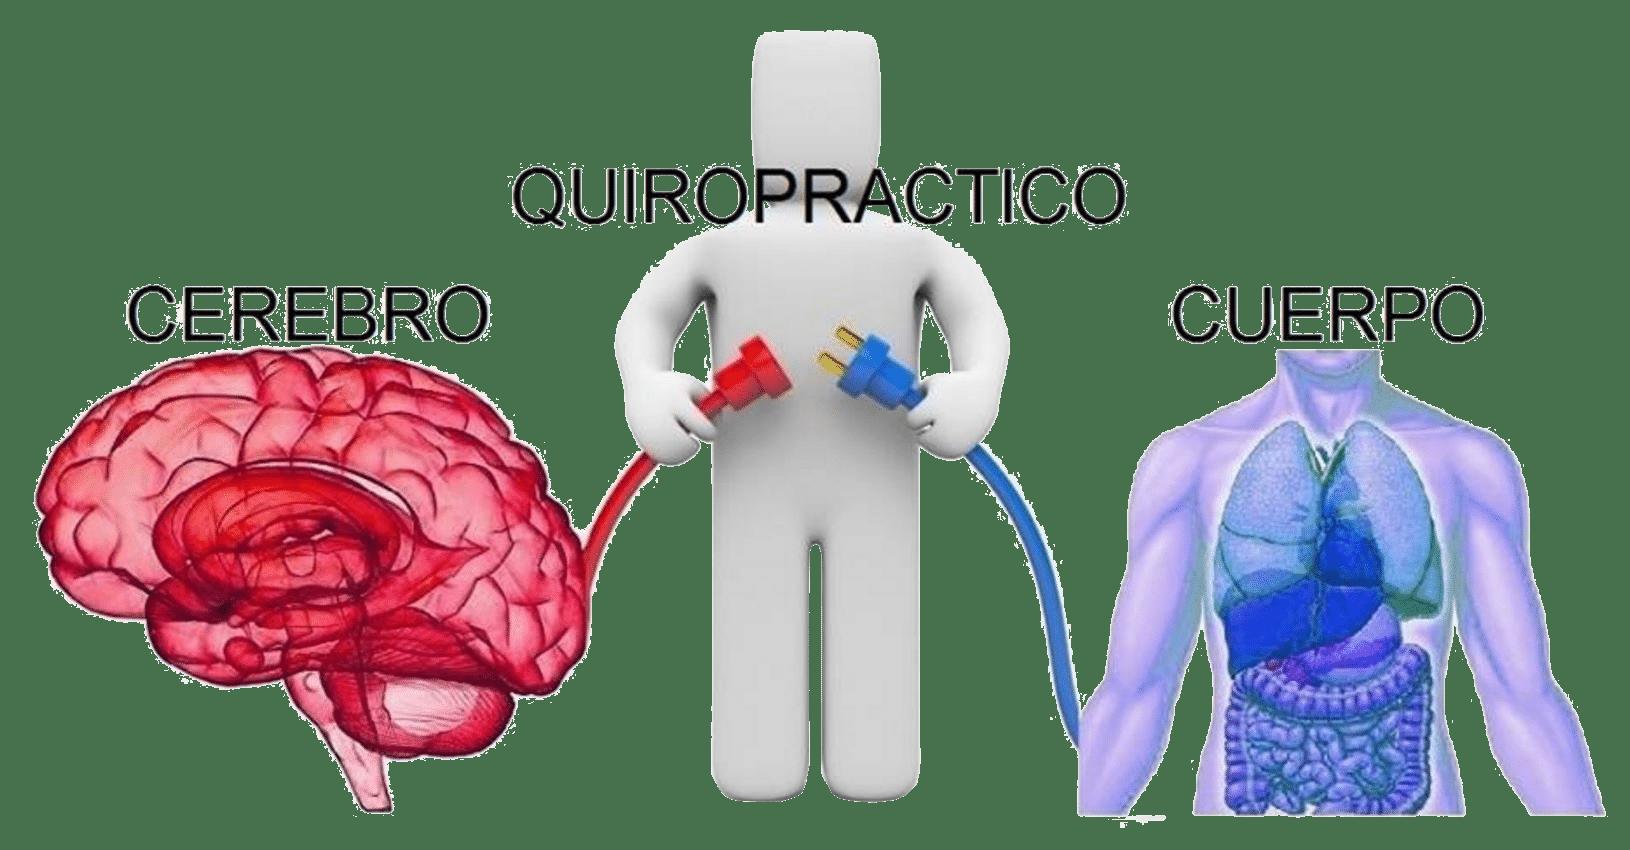 El puente entre el cerebro y el cuerpo - Quiropráctica Blog